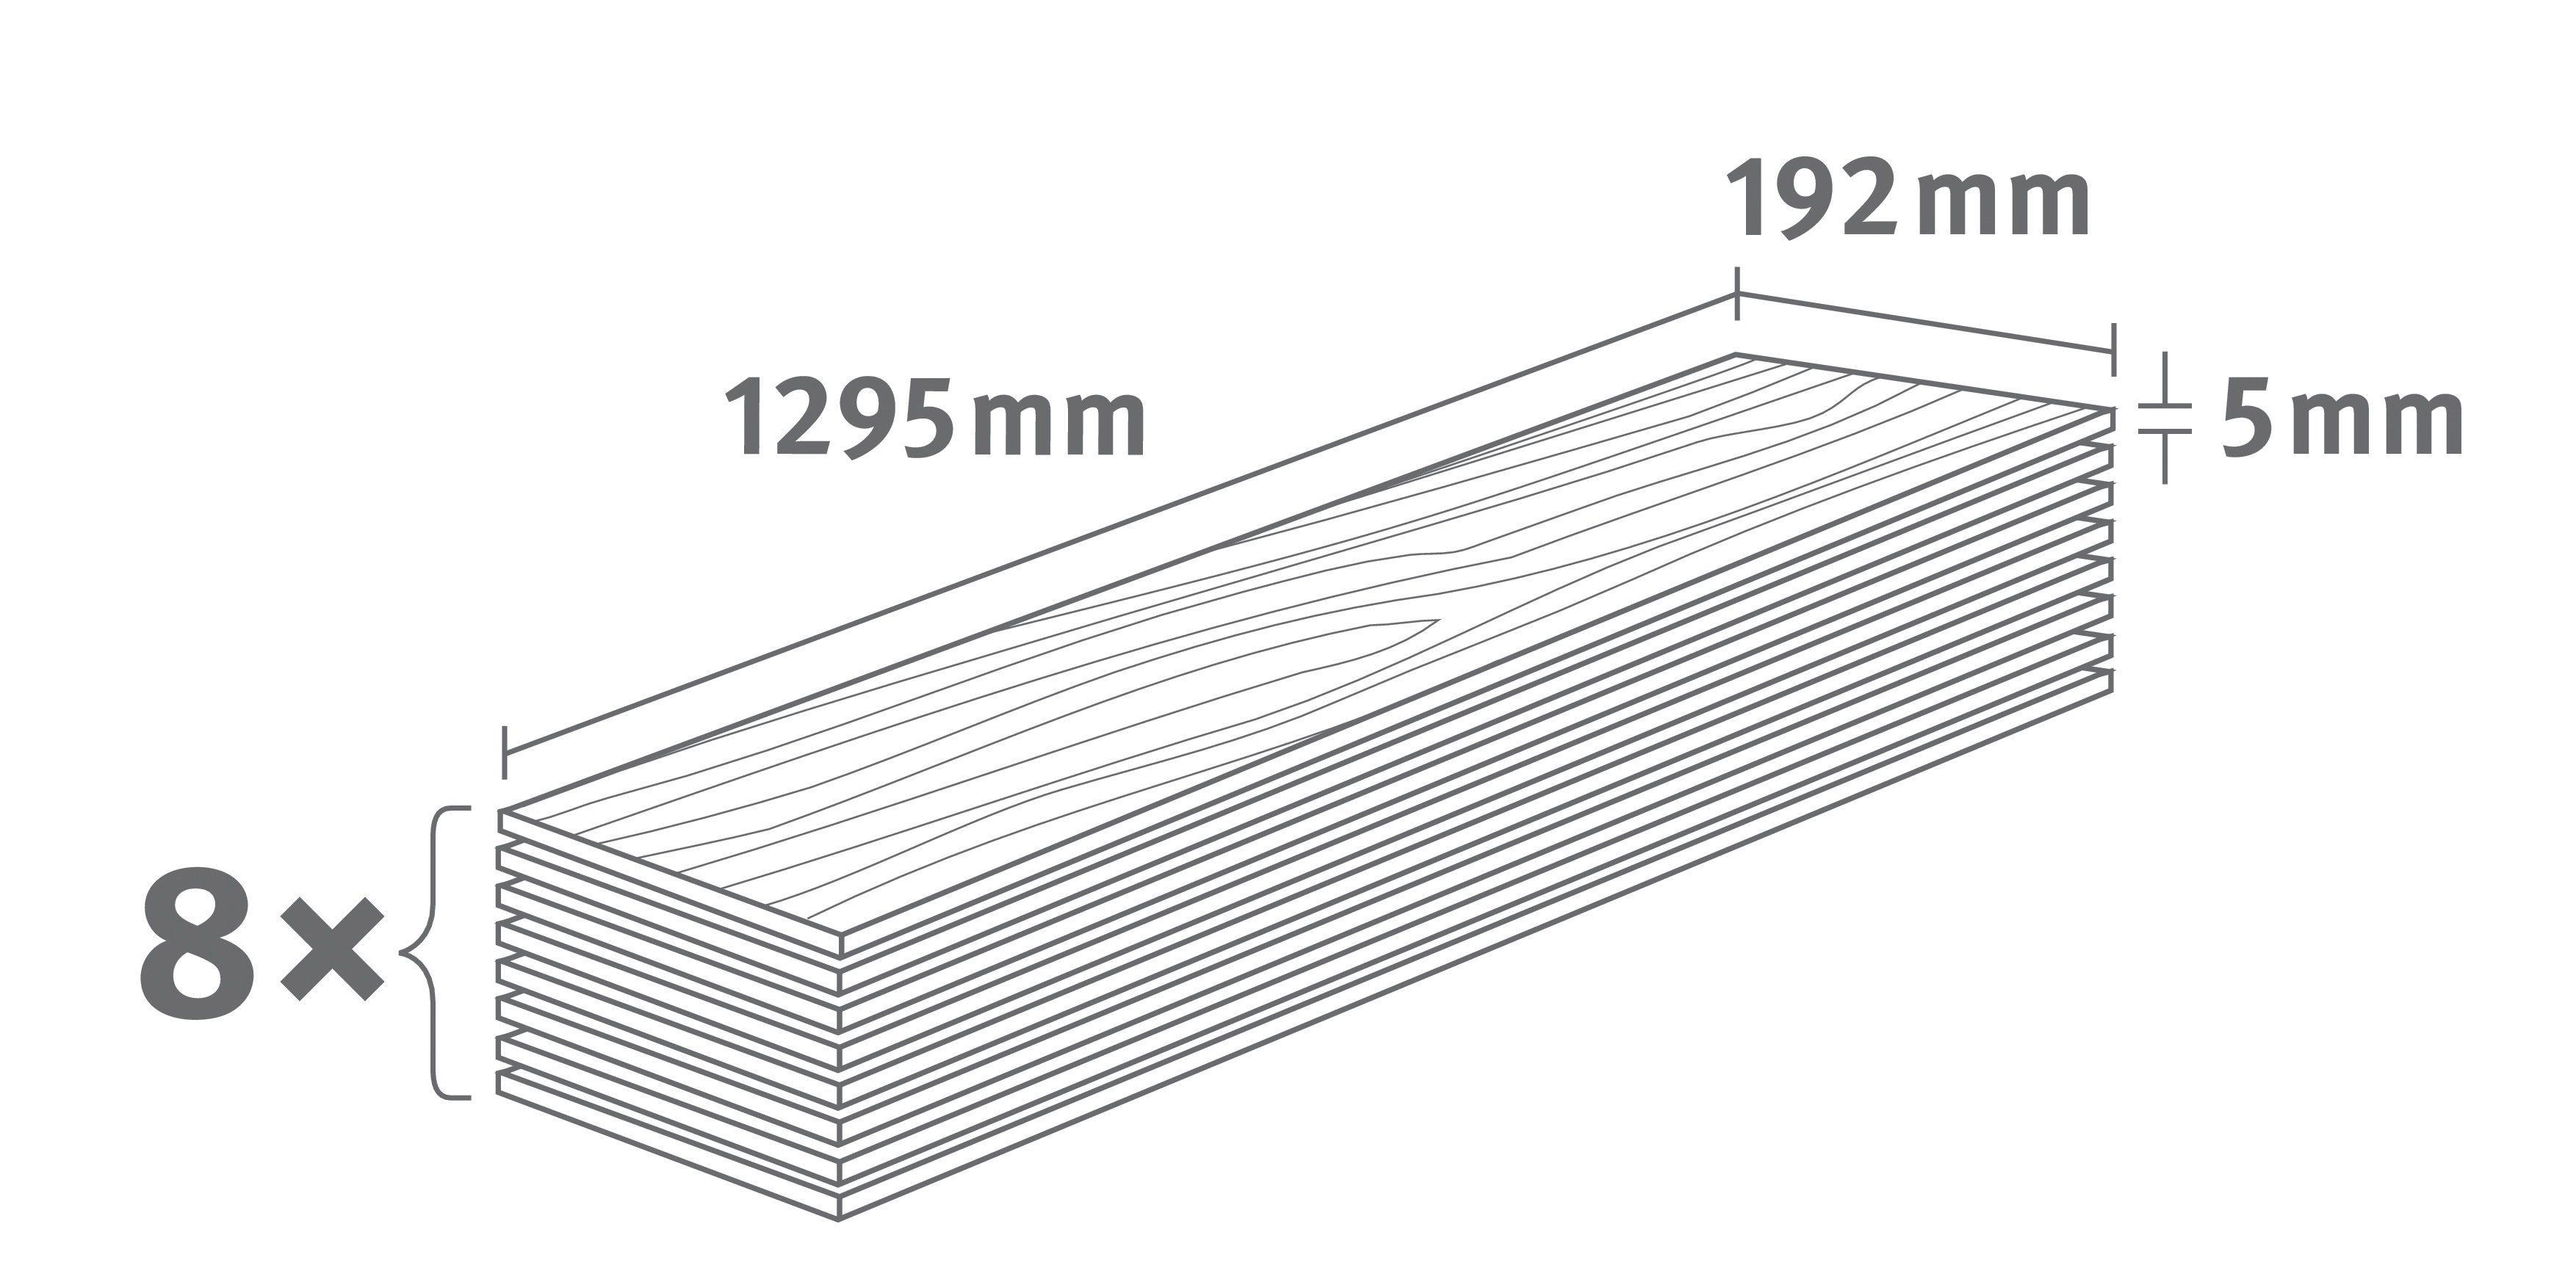 EGGER Designboden »EGGER HOME Design Monfort Eiche weiss«, 1295 x 192 mm, Stärke: 5 mm